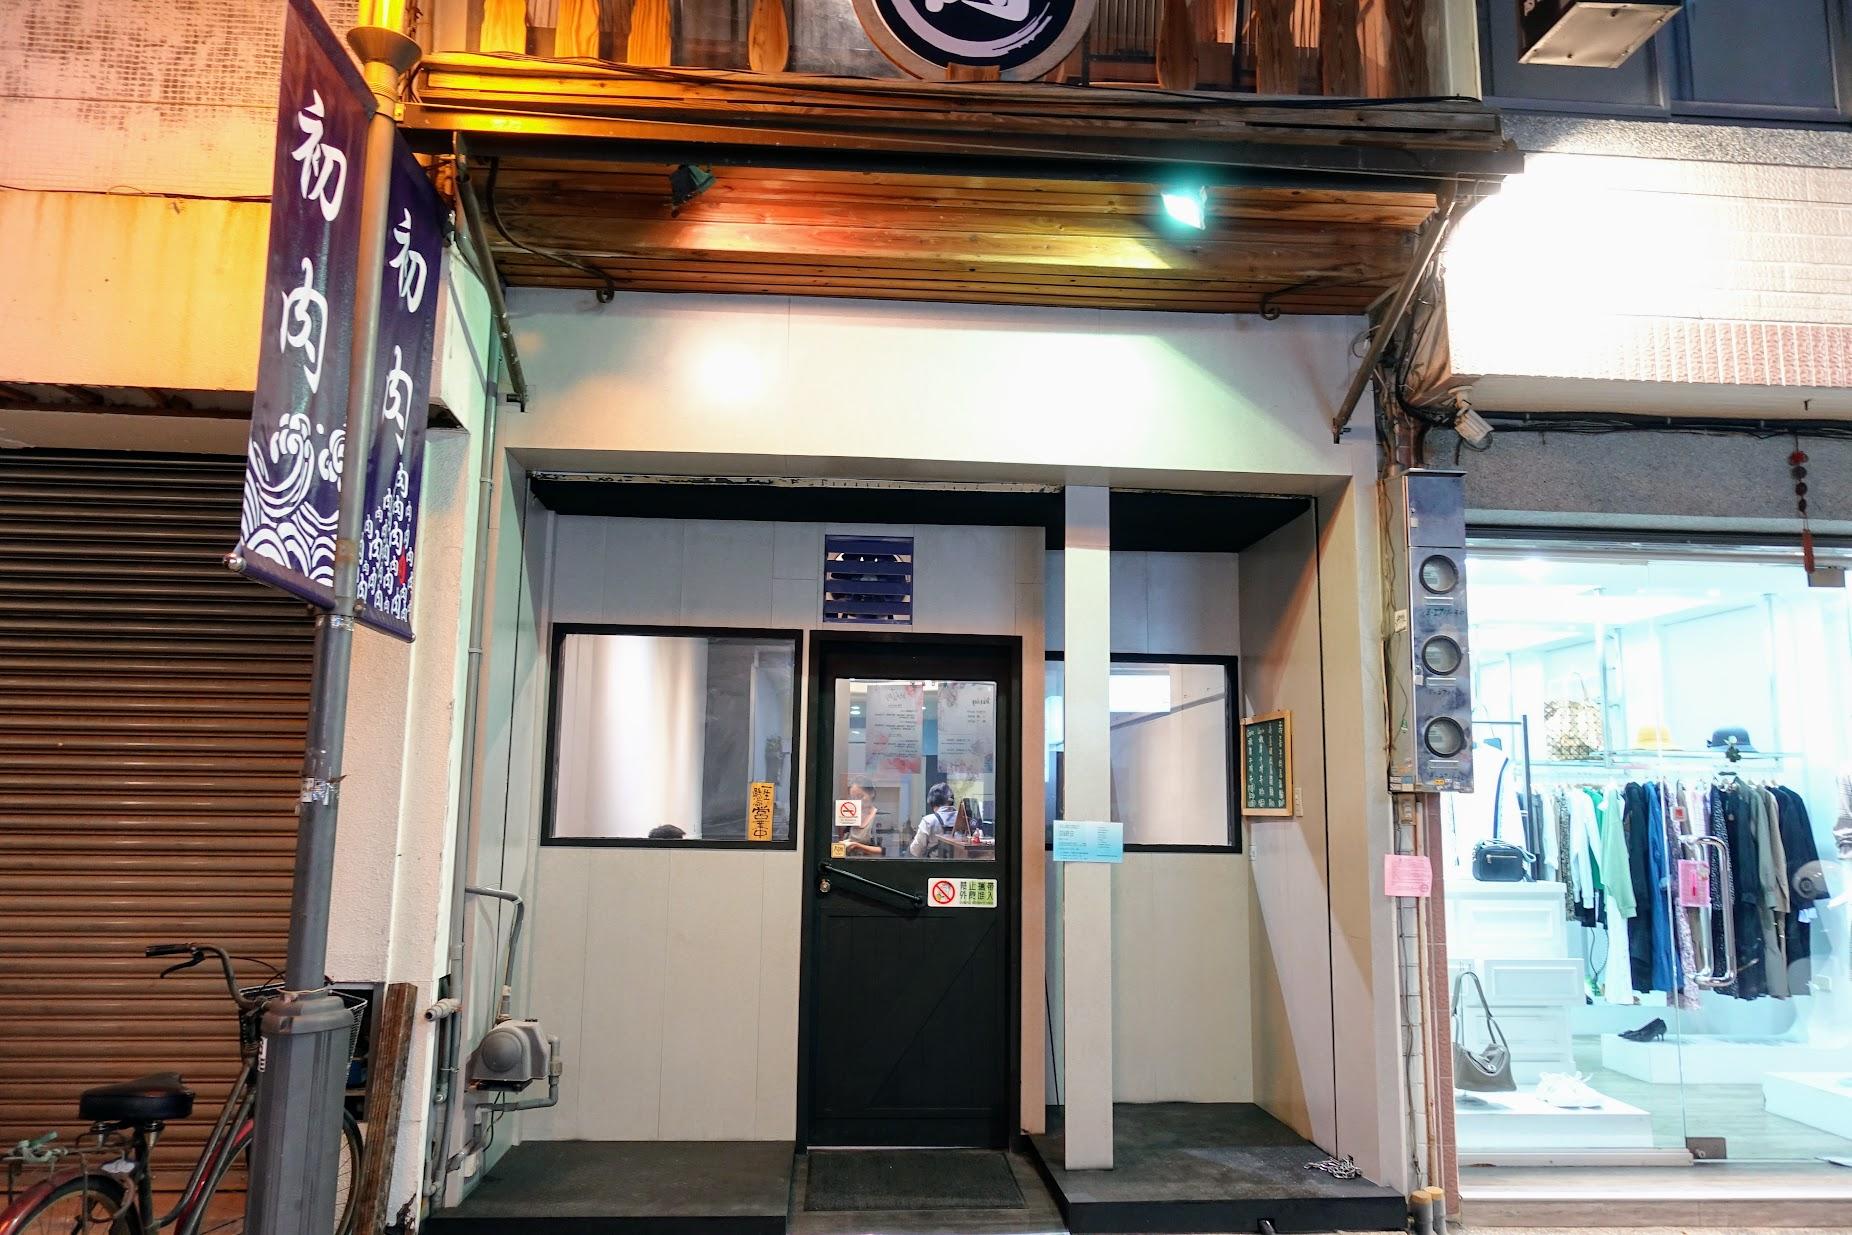 在漢神本館後方,原本的肉山精肉舖現在變成楠梓名店-初肉